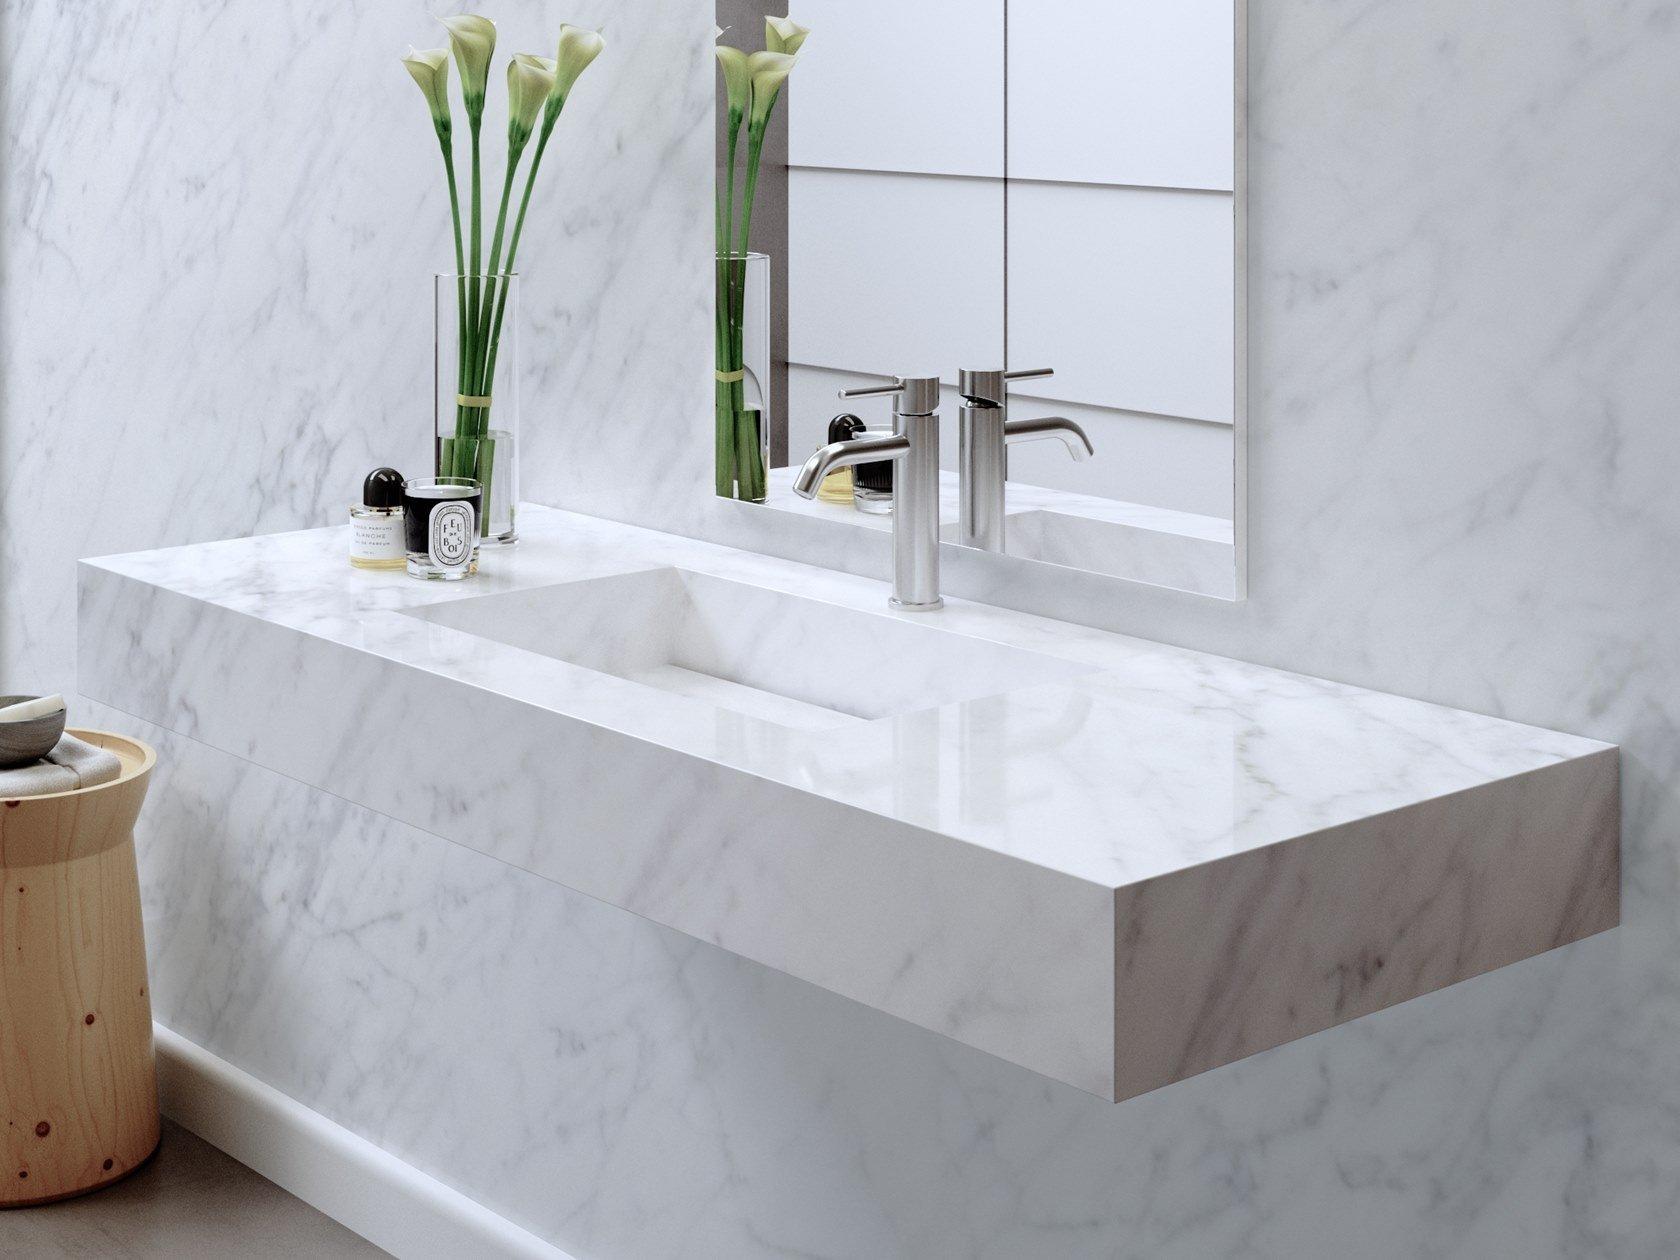 Lavabo y encimera de mármol de Carrara, Riluxa.